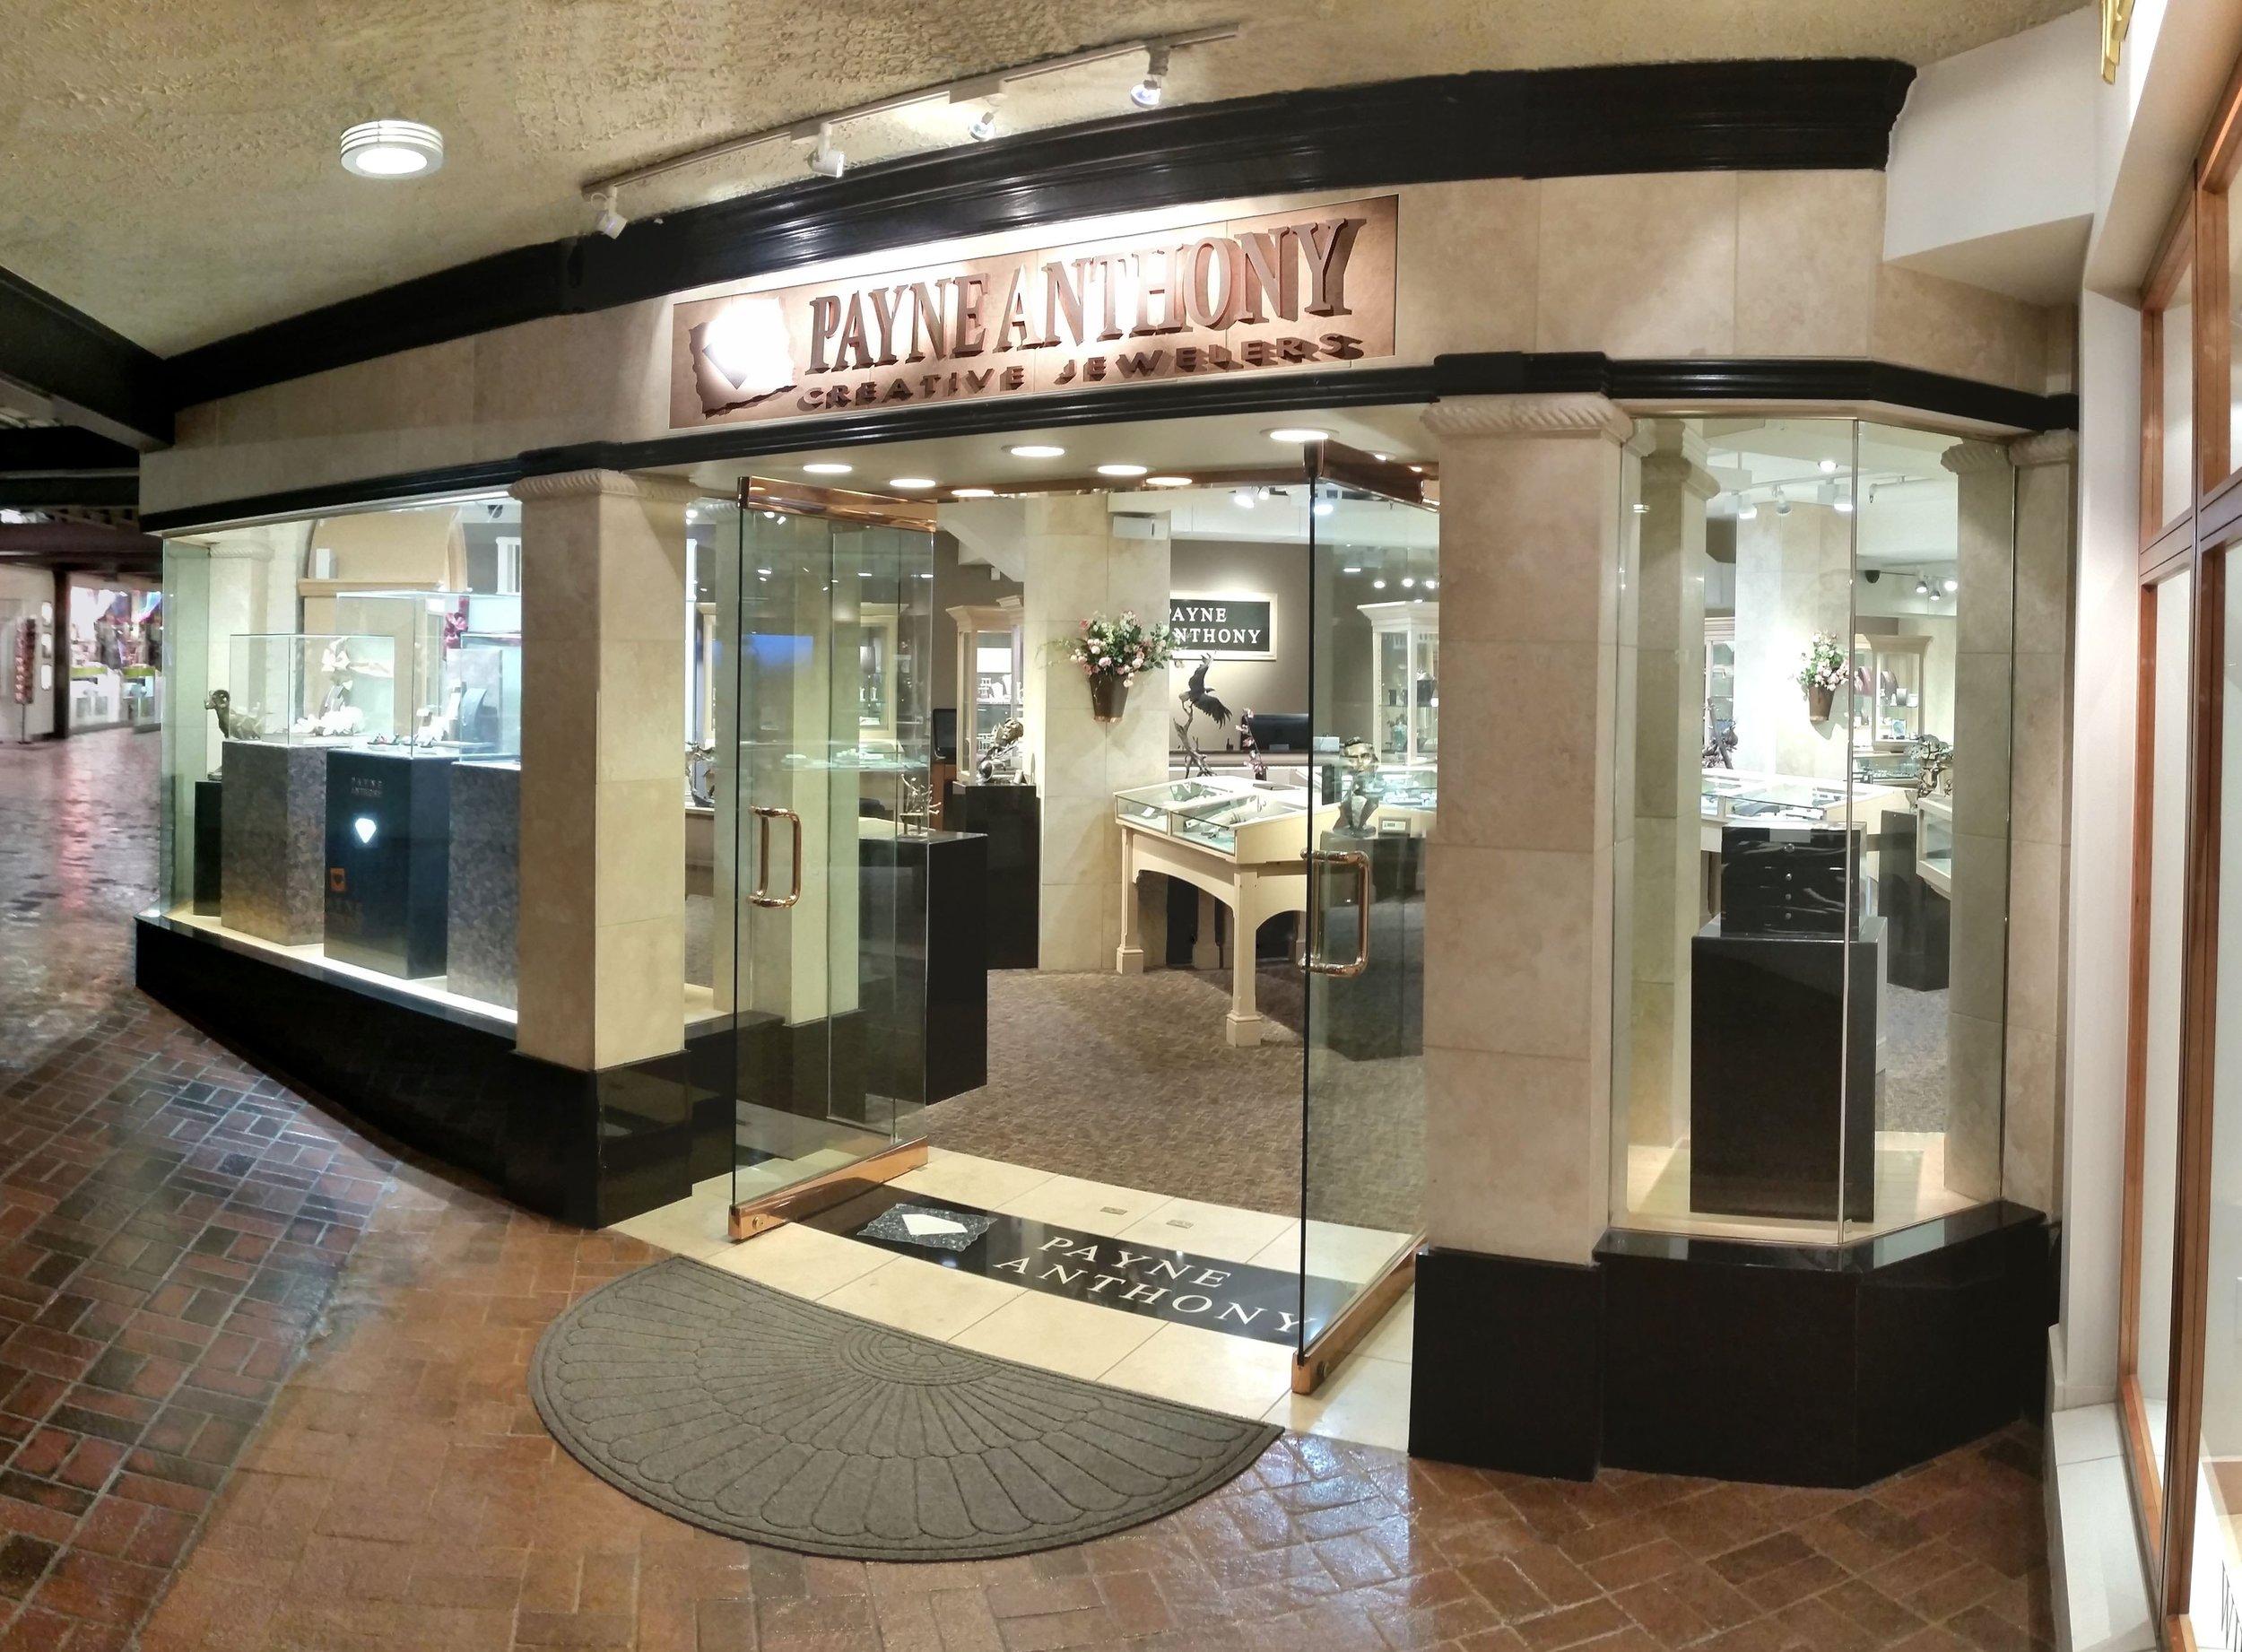 Payne Anthony Storefront 2.jpg